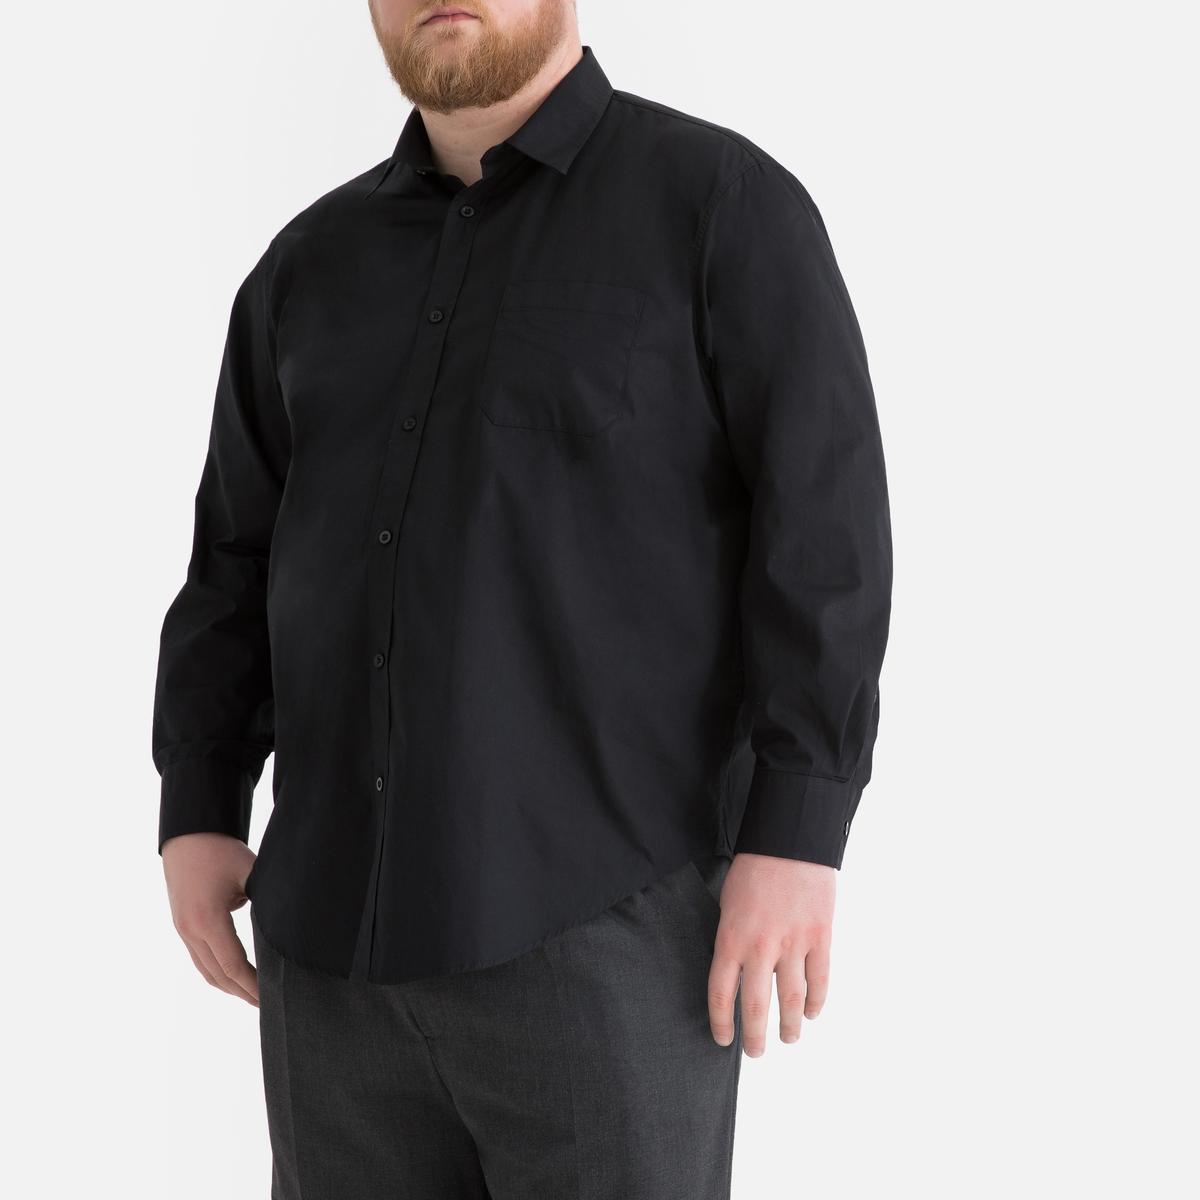 Camisa direita de mangas compridas, tamanho grande